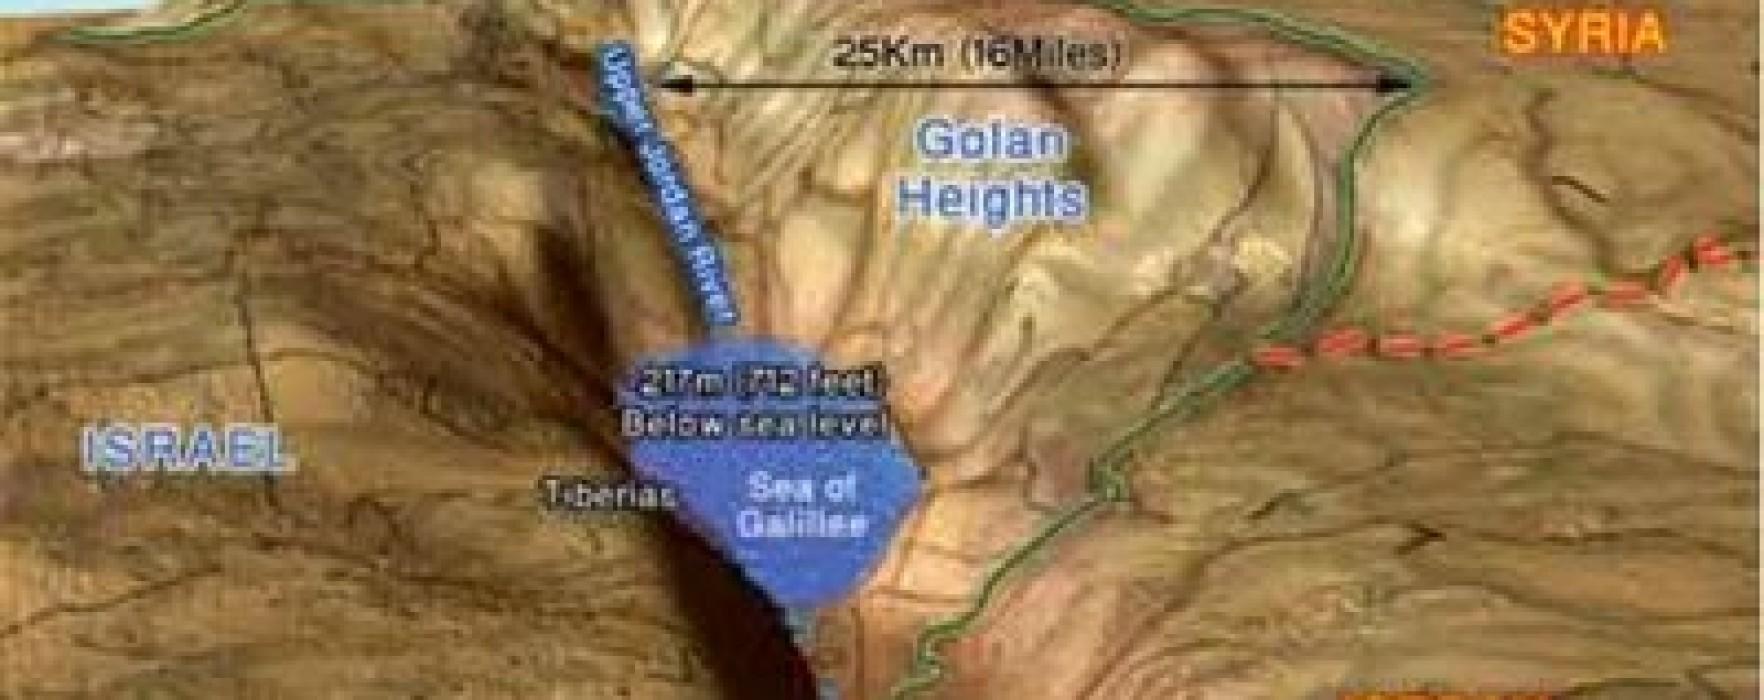 Israel in Golan Heights ah kum tam ngai hmang pha maiti tawk